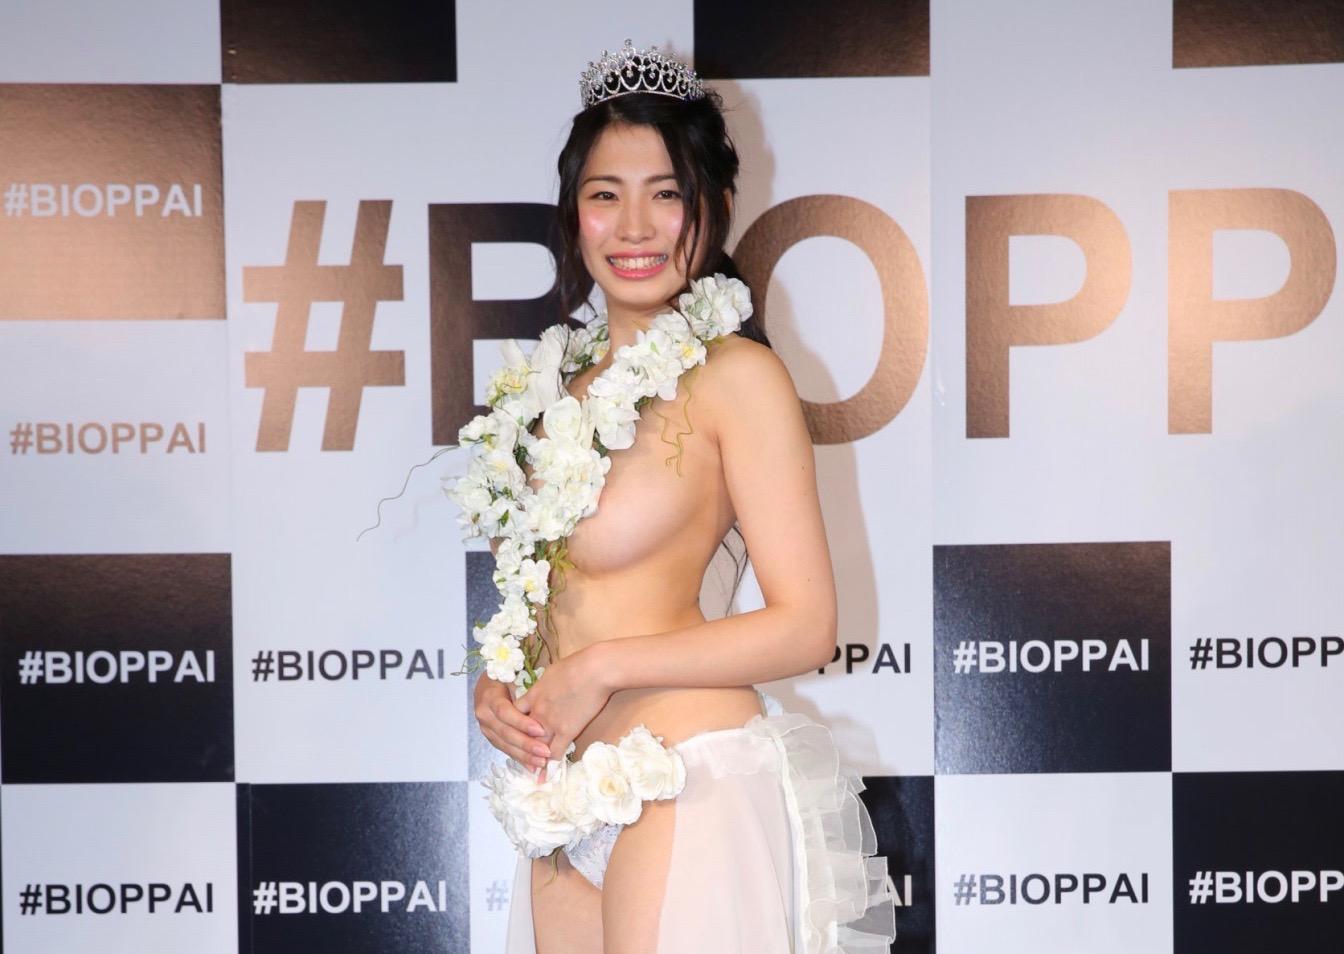 【動画あり】「美おっぱいコンテスト」に文句を言う人は何に対しても文句言う #BIOPPAI